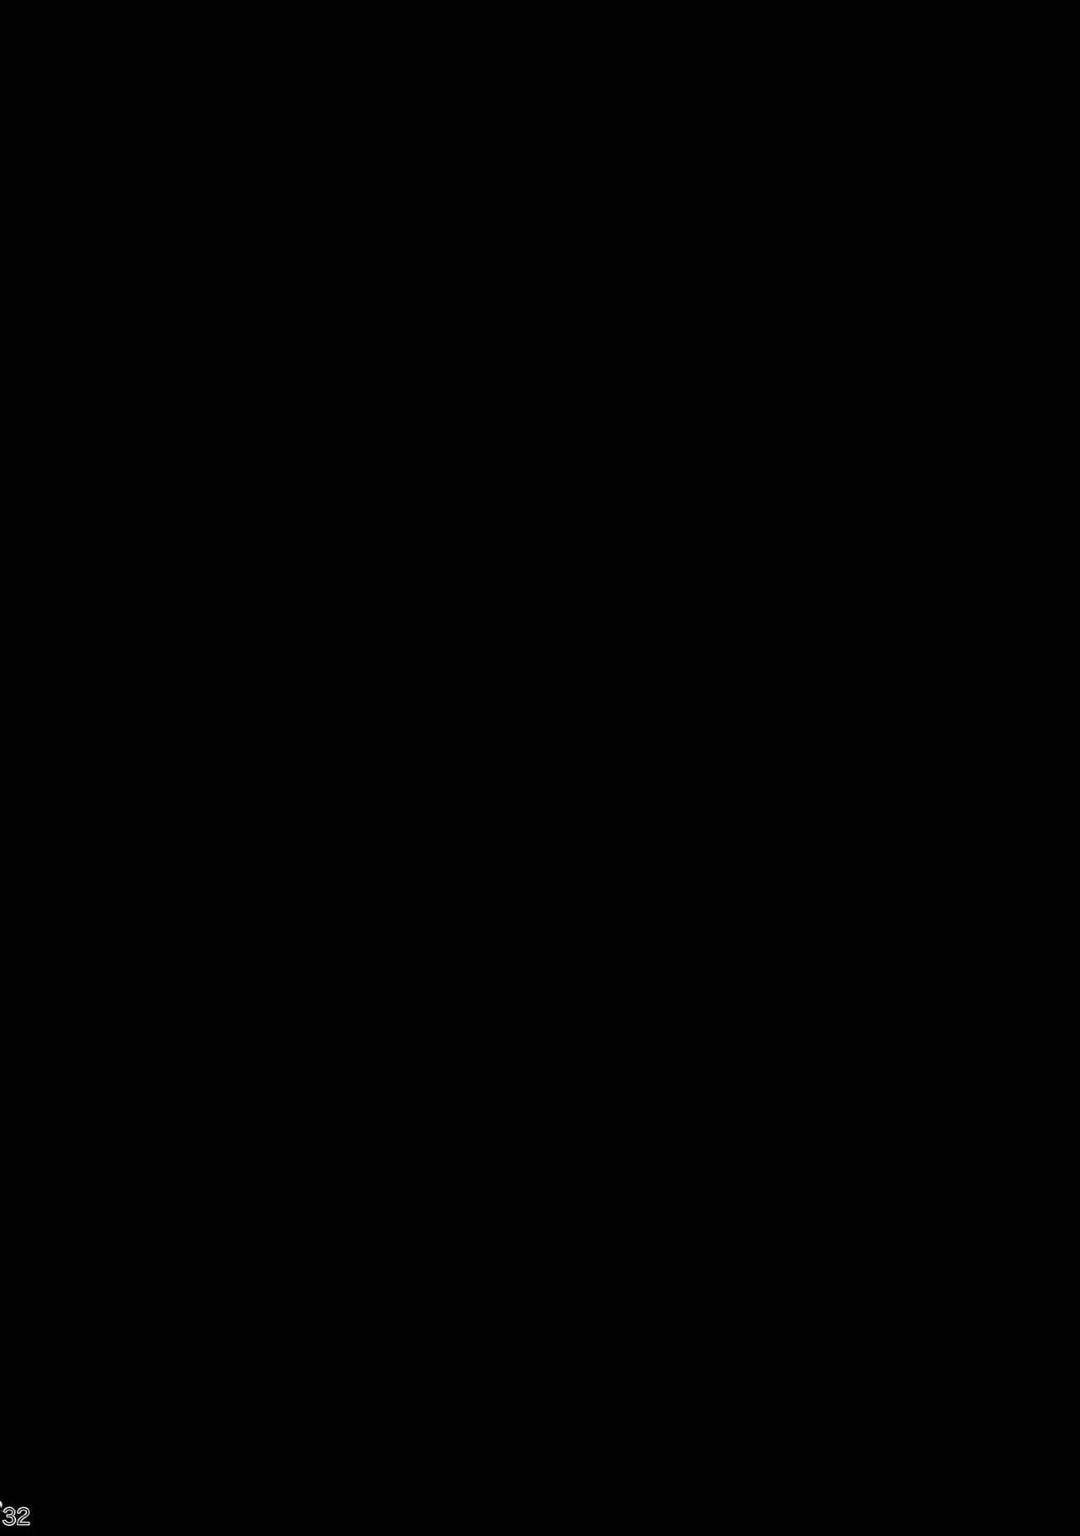 【東方Projectエロ漫画】居場所を求める菫子はアイドルをするも枕をしない事でクビを言い渡されると覚悟を決めおじさん相手に枕営業をする【ハヤスミ】